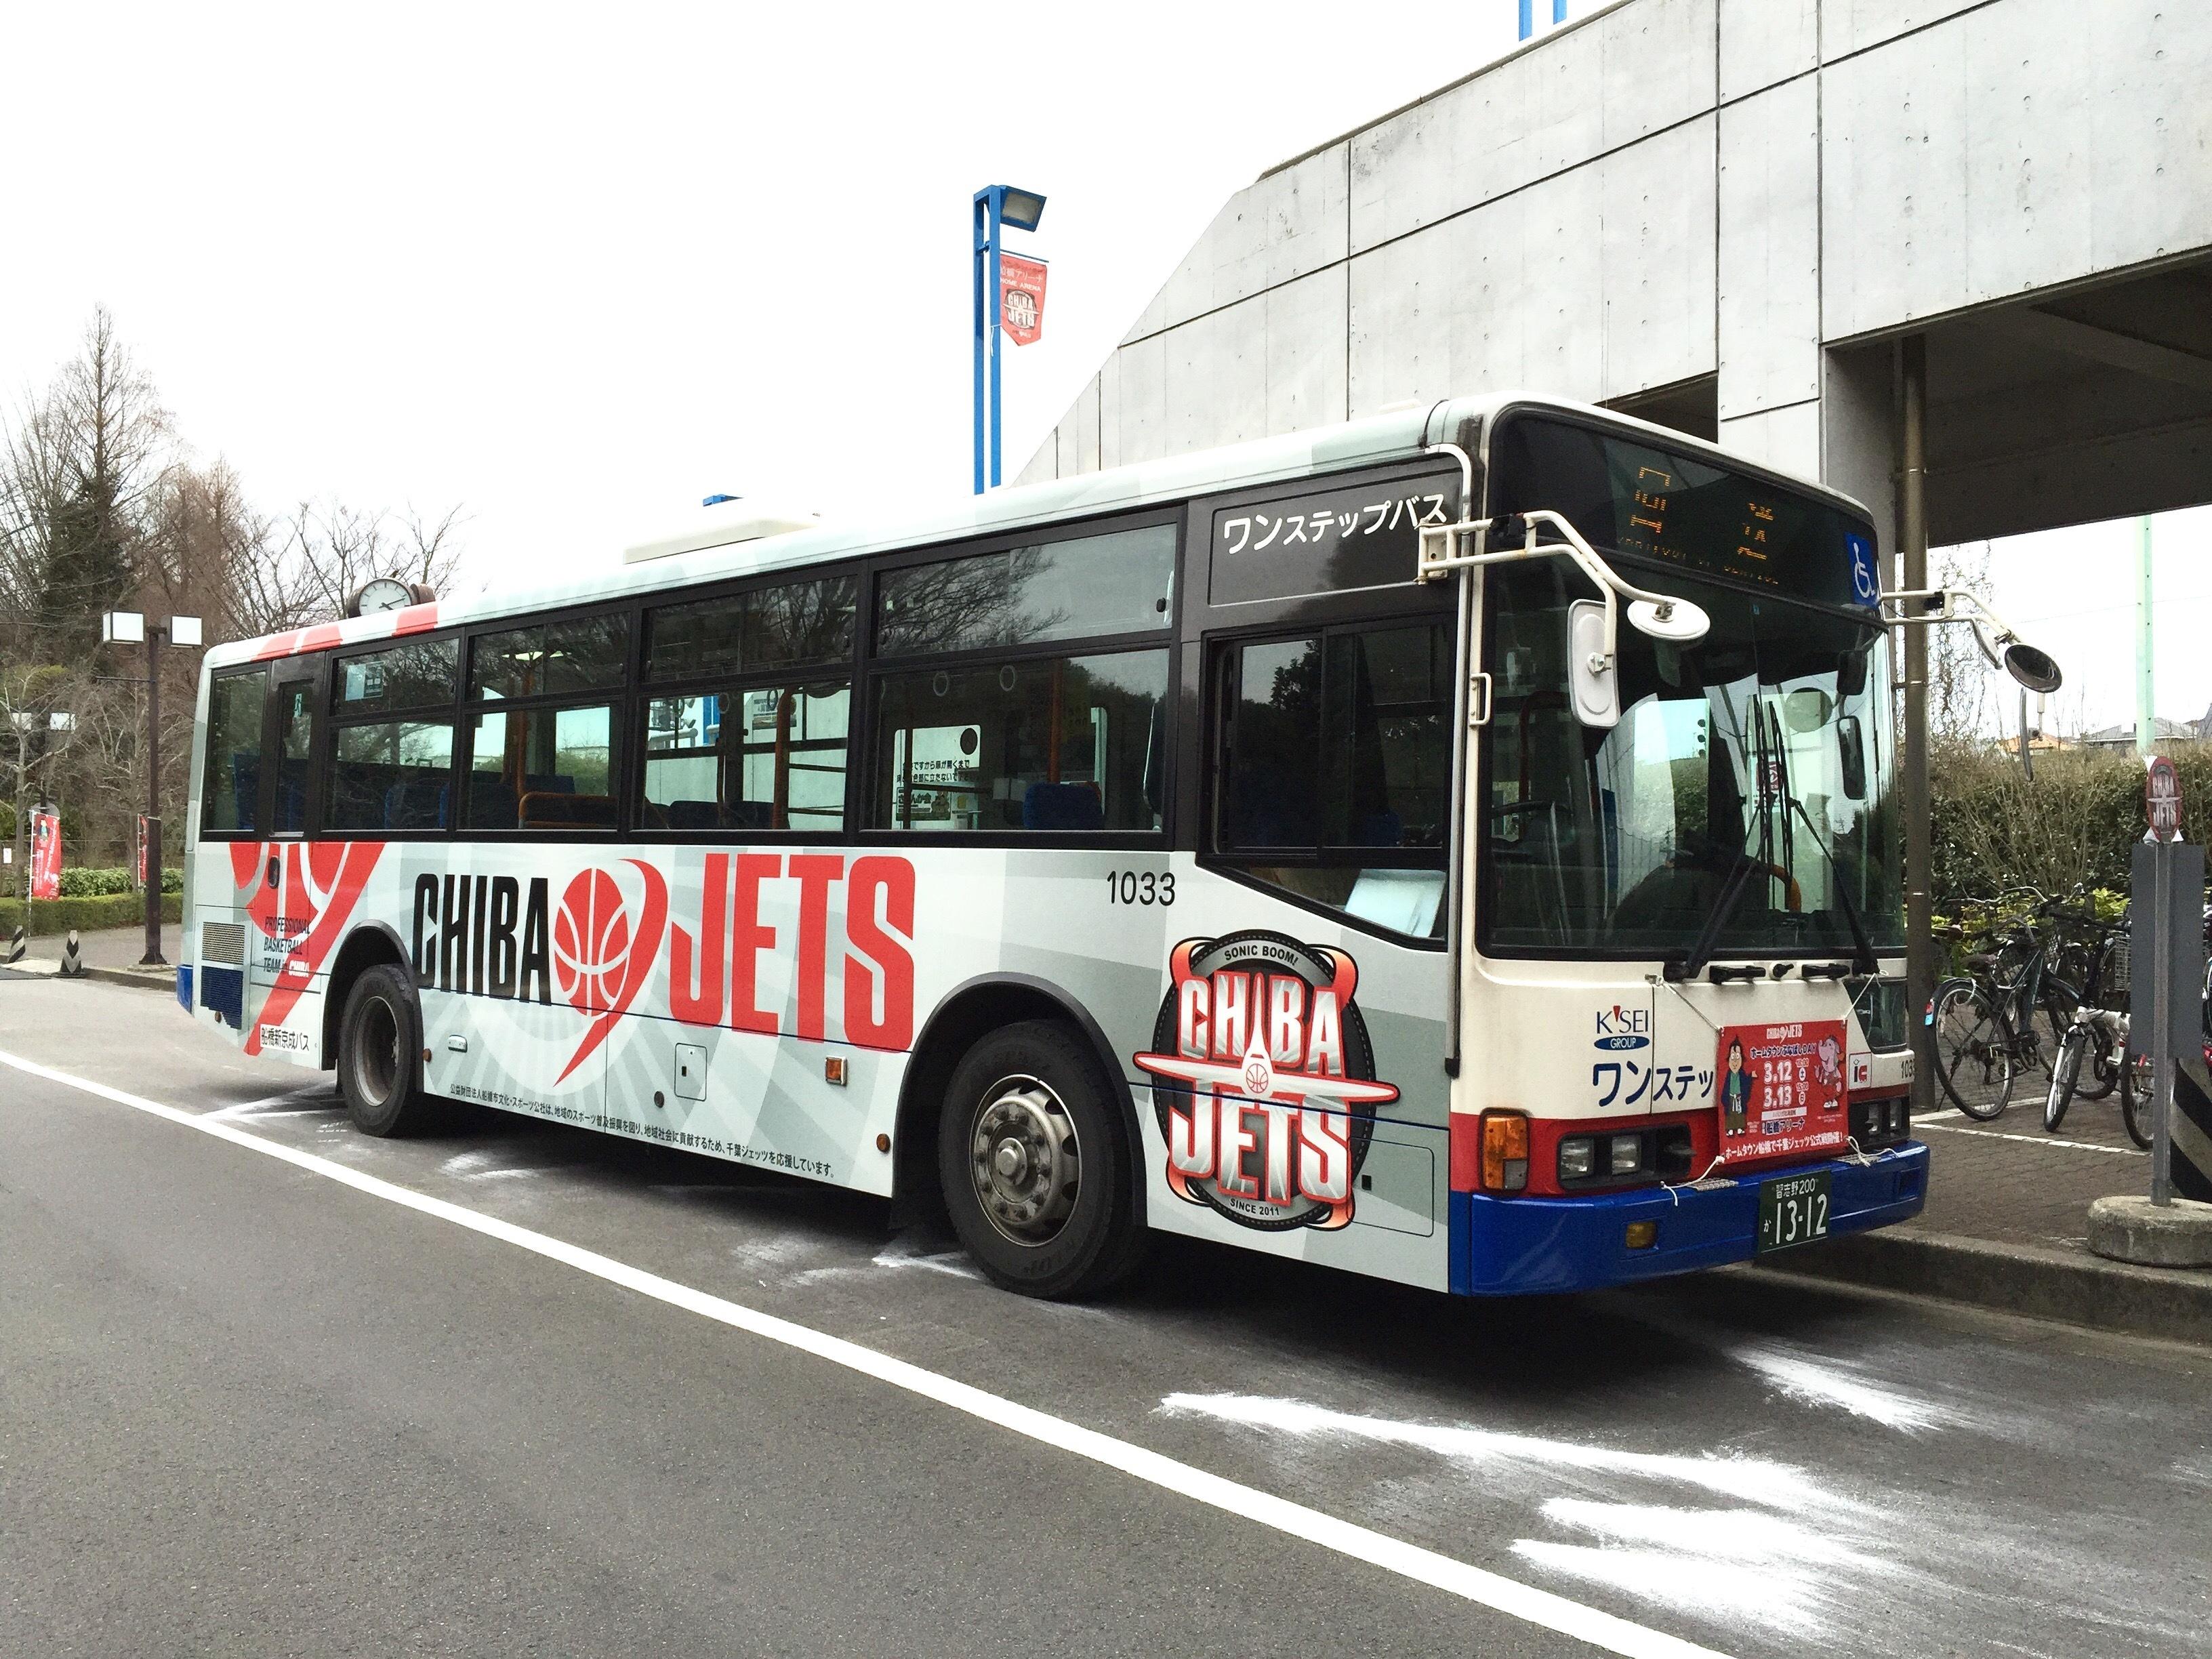 P5_JetsBus.jpg